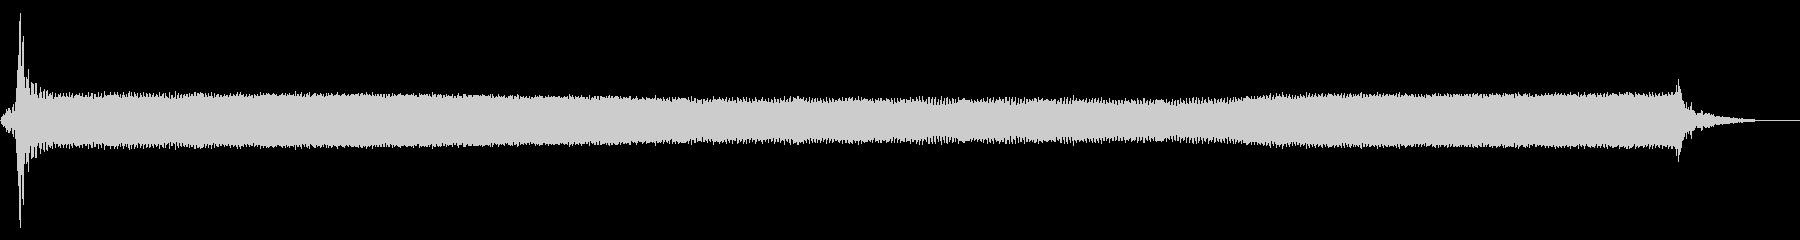 小型電動機リフト:開始、実行、停止、遠くの未再生の波形